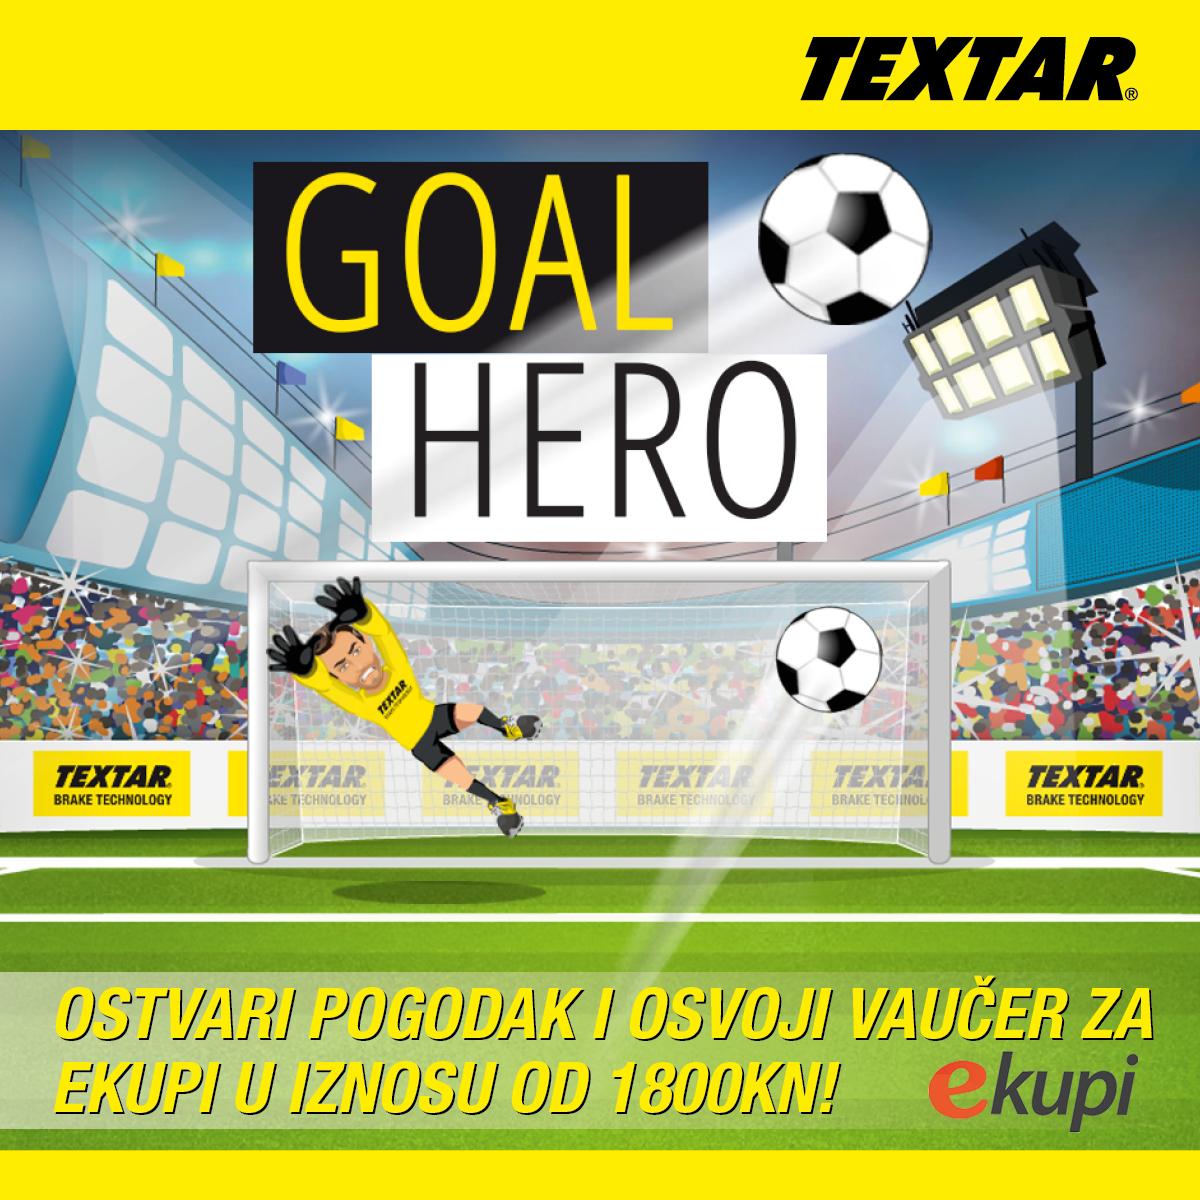 TX_FB_GoalHero_1200x1200px_Ekupi_CRO.jpg